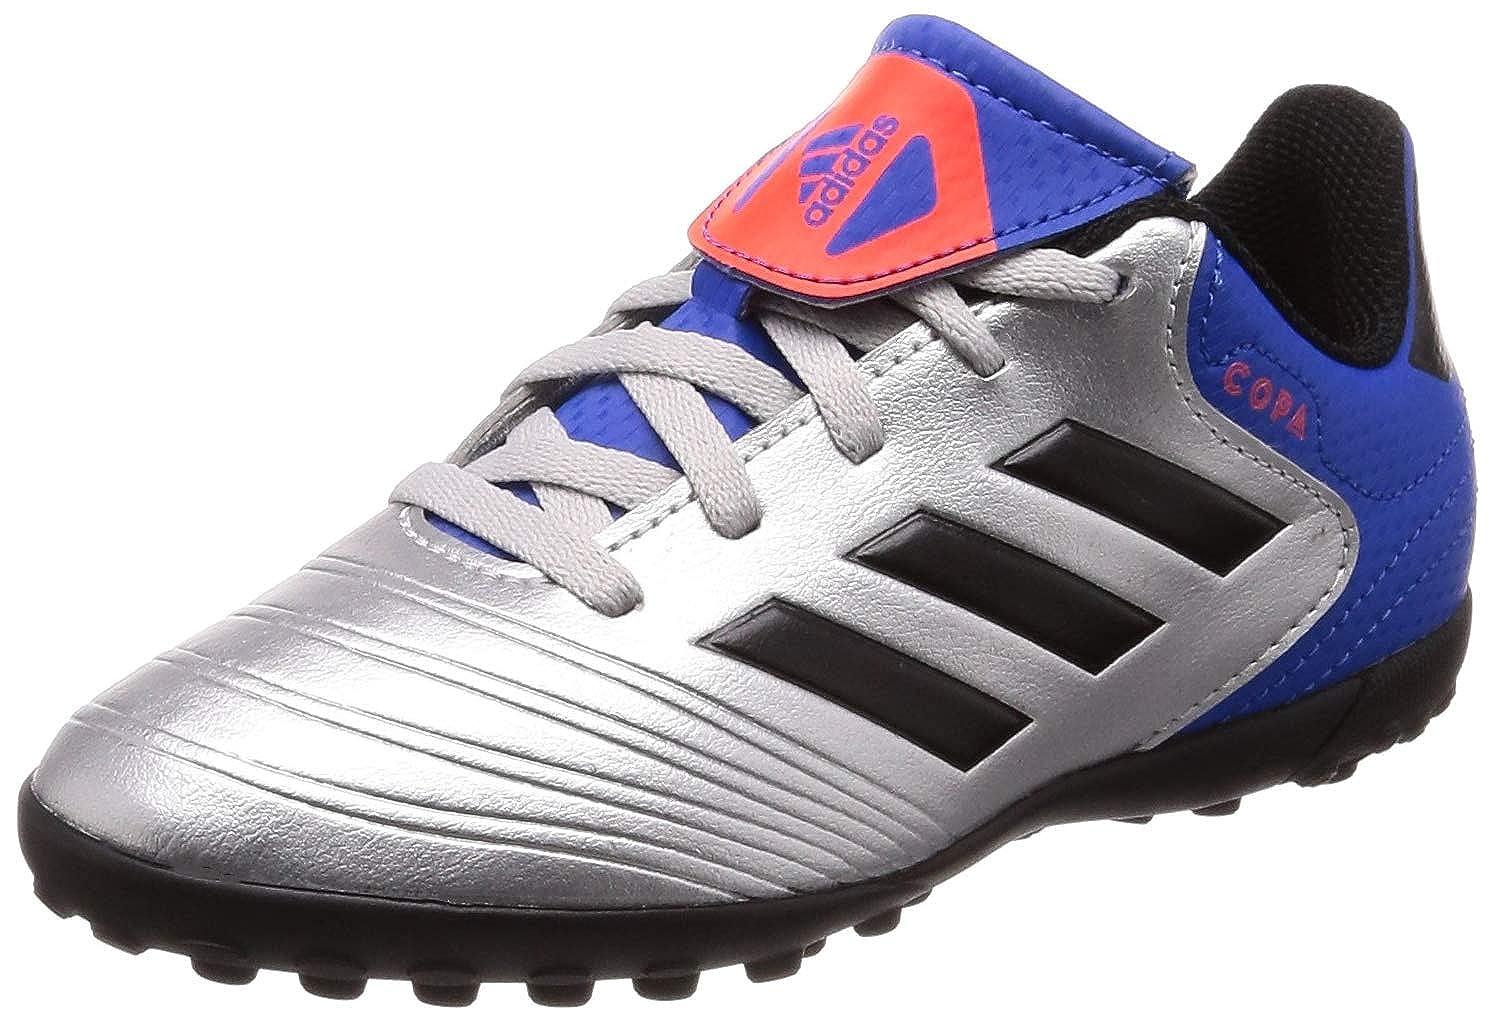 adidas Copa Tango 18.4 TF J, Botas de fútbol Unisex para Niños: Amazon.es: Zapatos y complementos